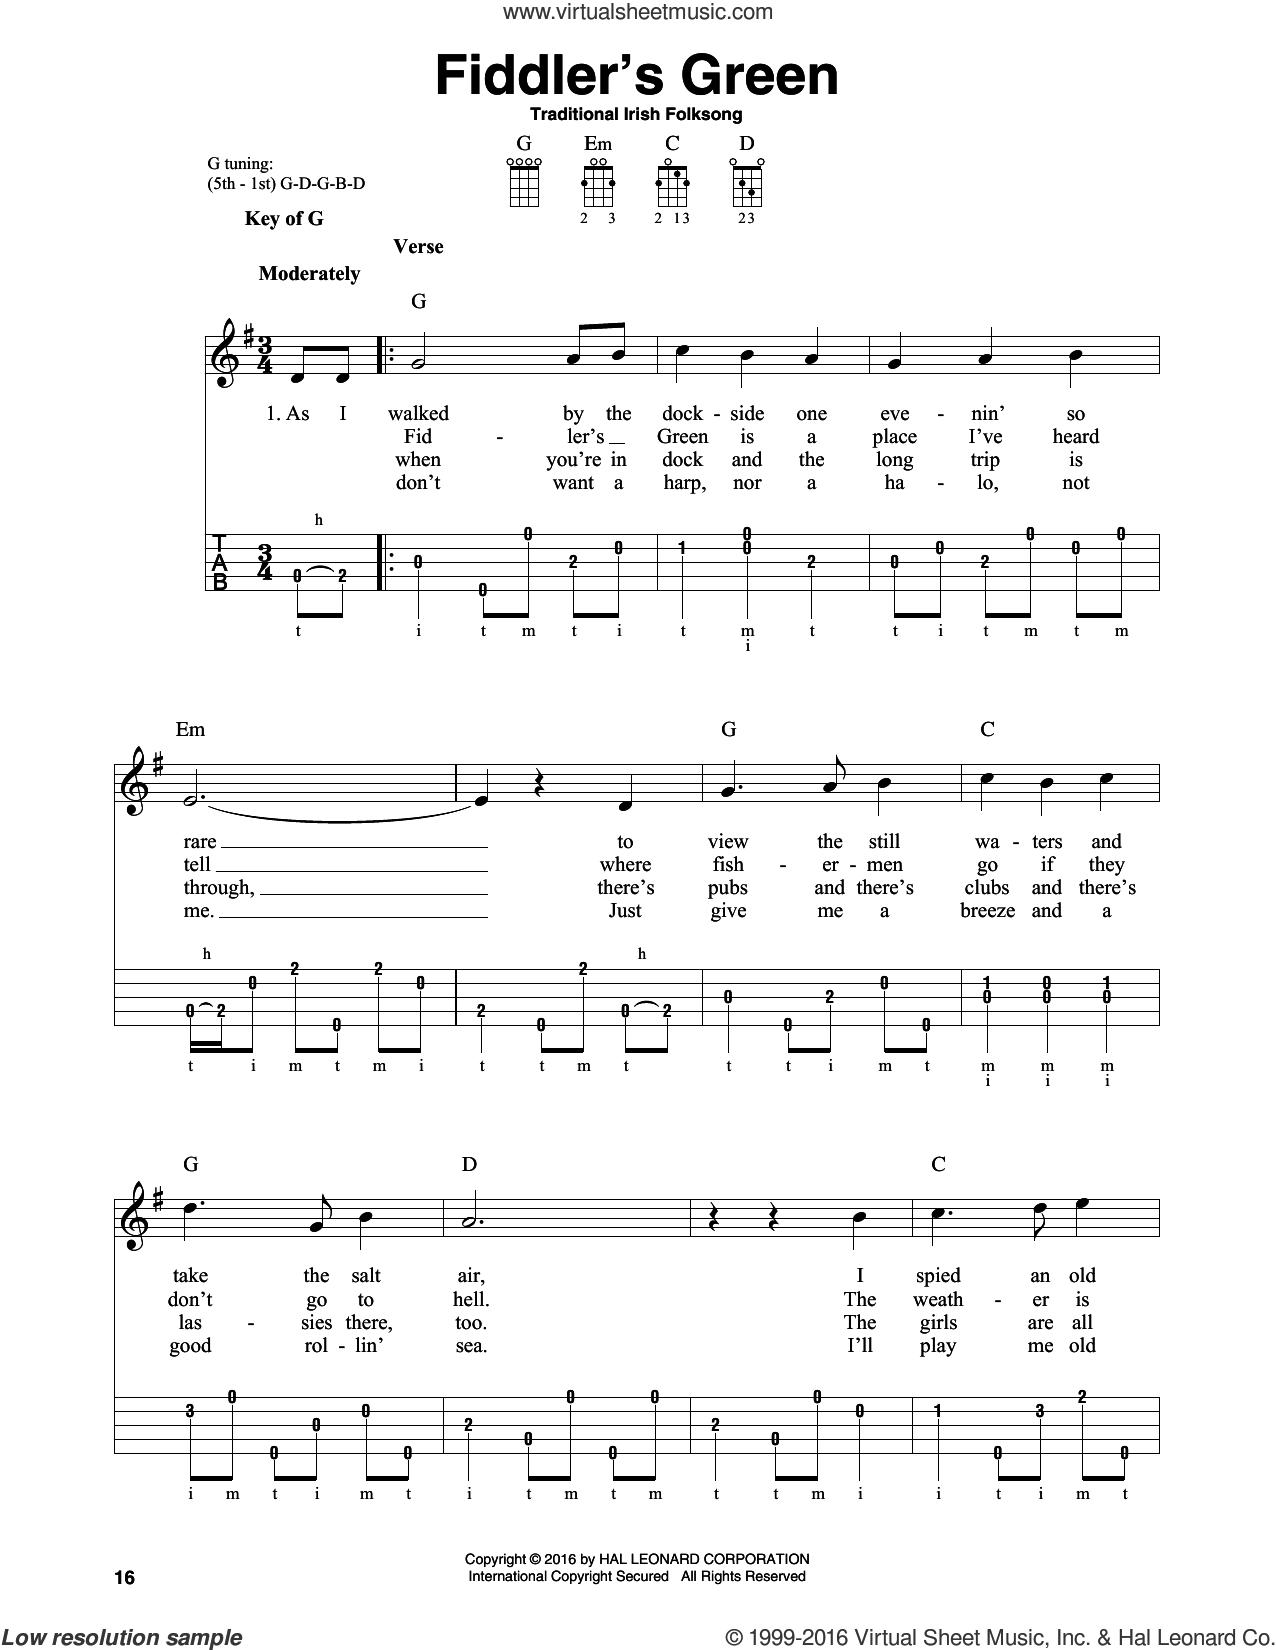 Fiddler's Green sheet music for banjo solo, intermediate skill level